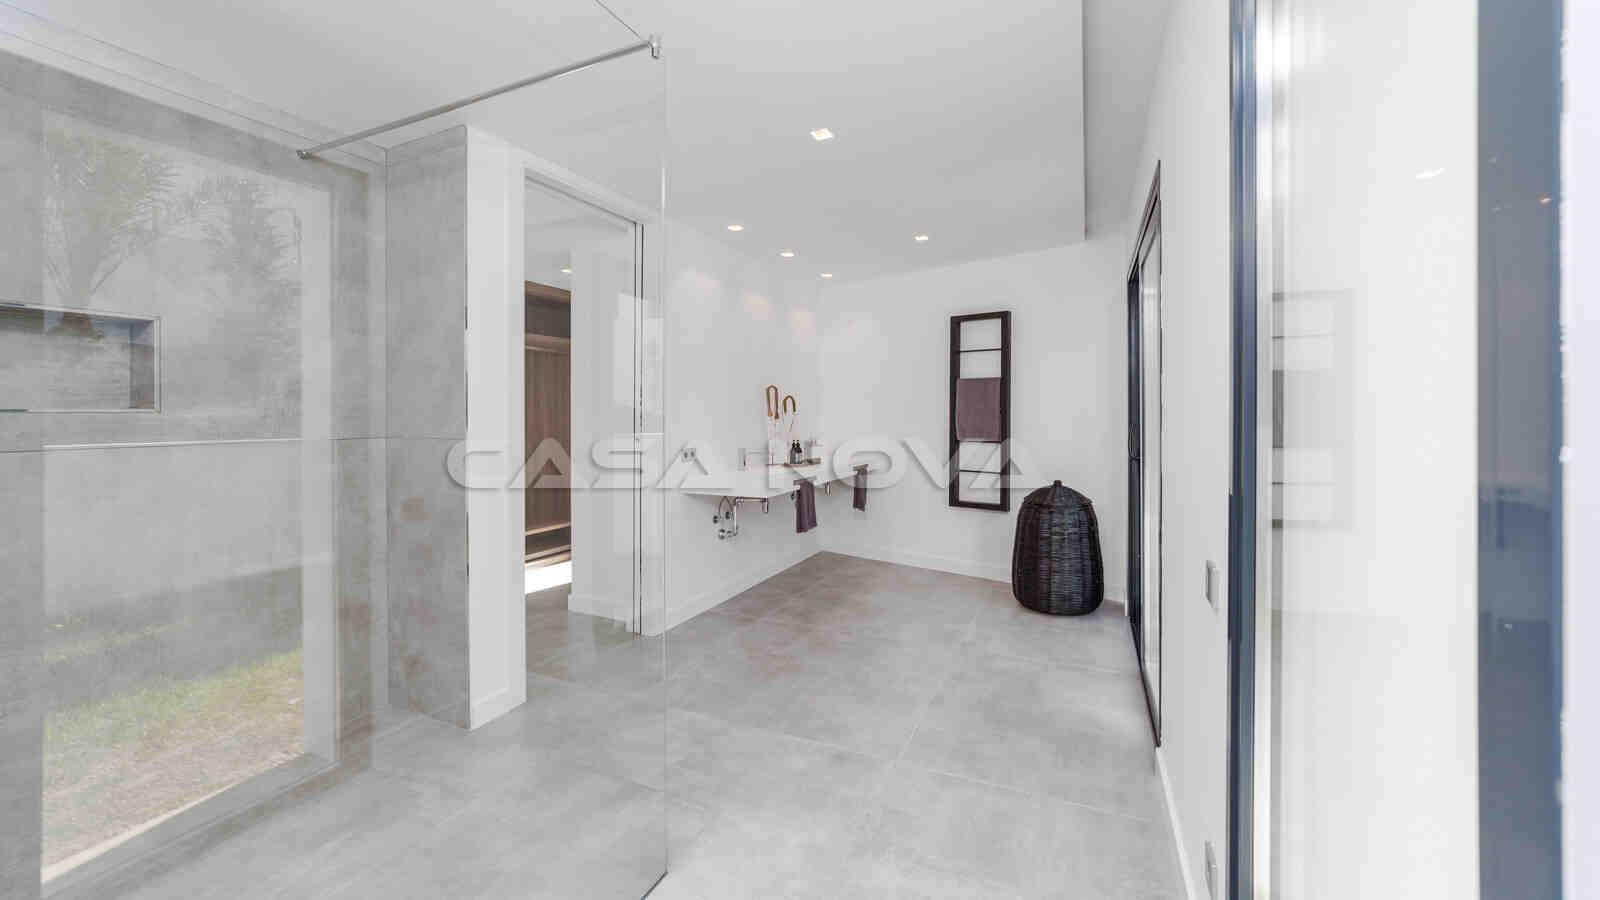 Ref. 2402254 - Haupt- Badezimmer mit modernster Ausstattung